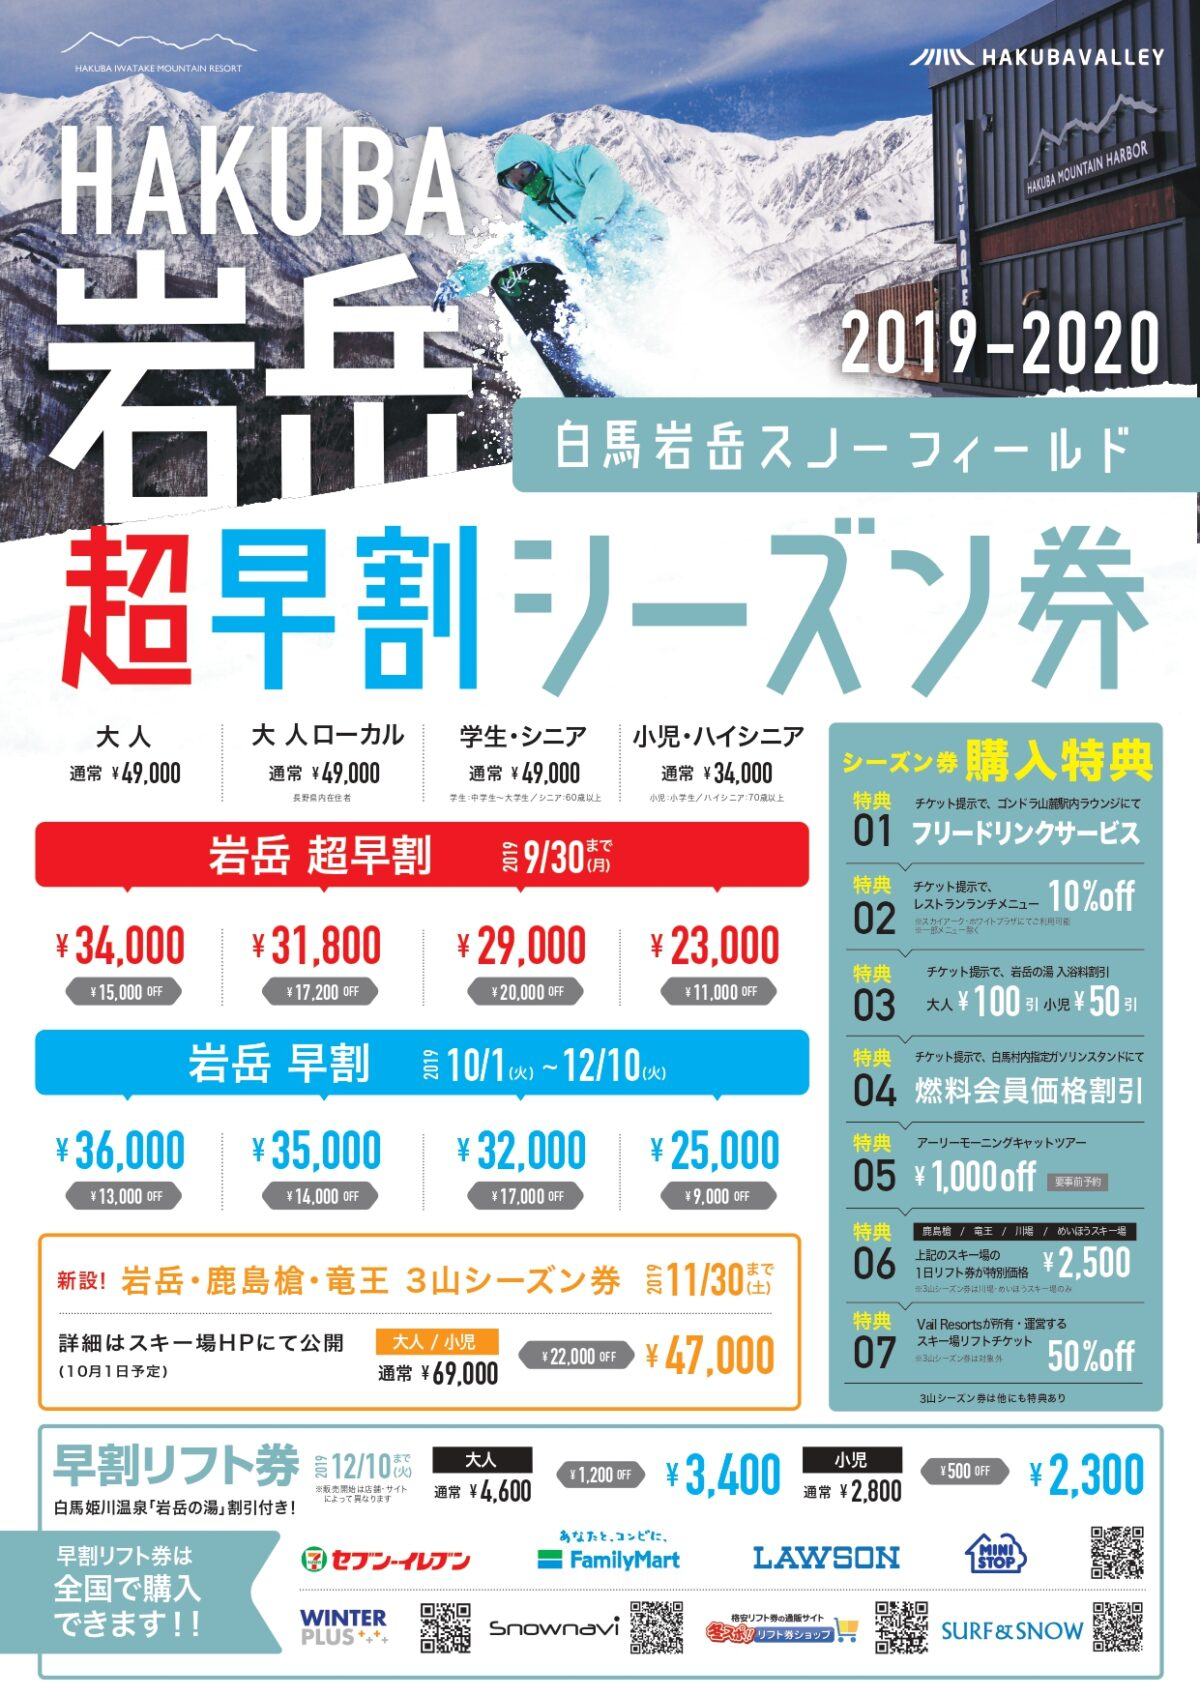 白馬岩岳スノーフィールド 2019-2020ウィンターシーズン 超早割シーズン券&早割リフト券販売開始